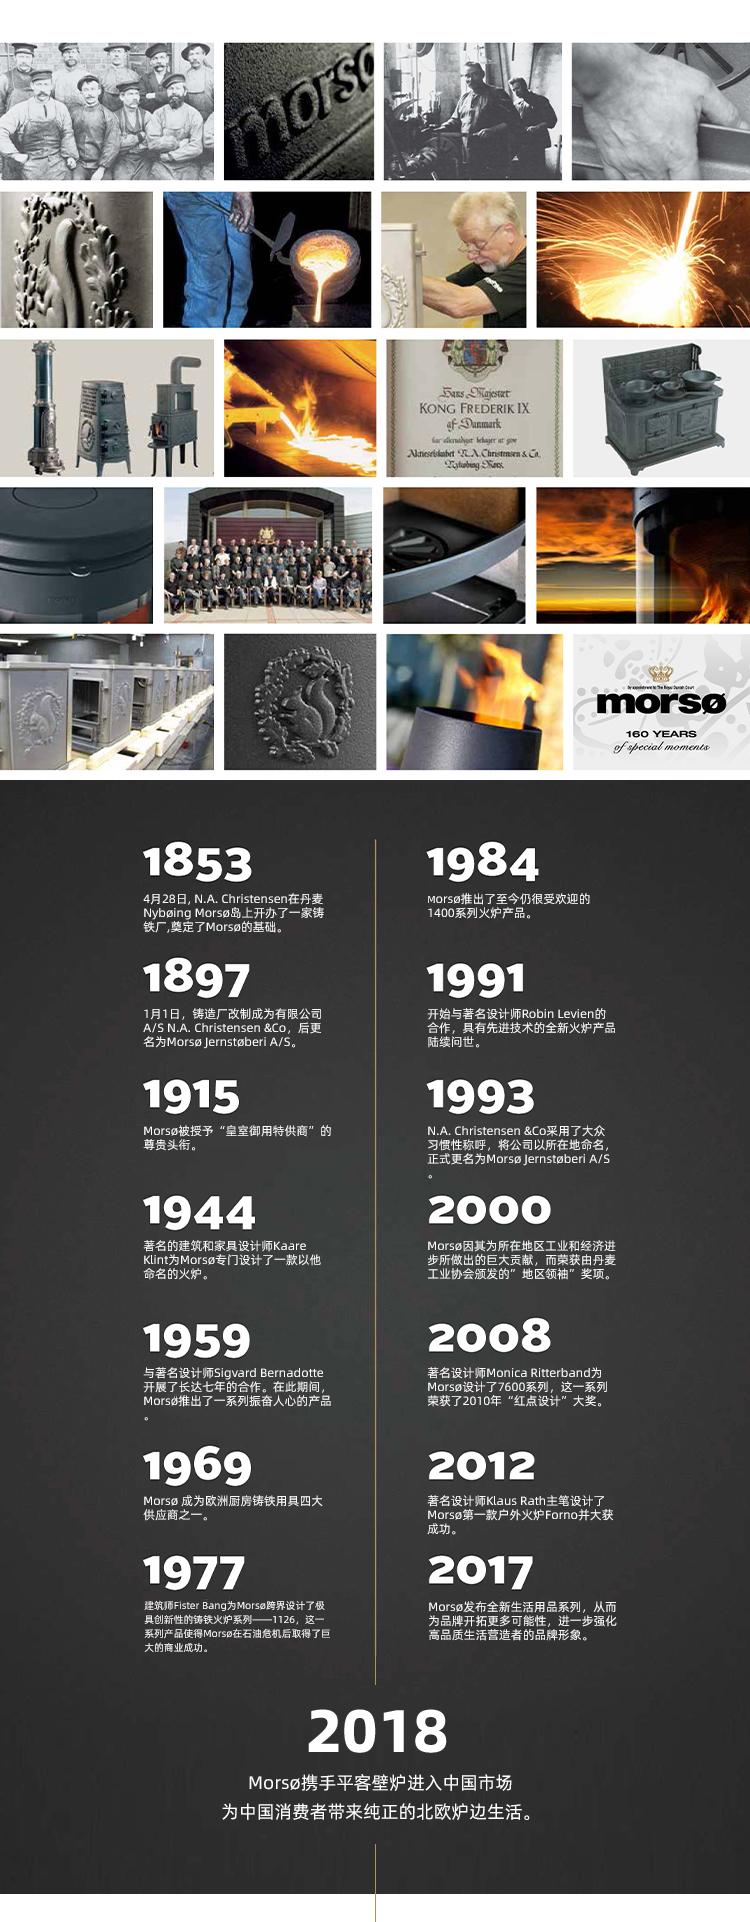 丹麦欧式真火壁炉品牌-Morsø 7900系列-5款可选.jpg